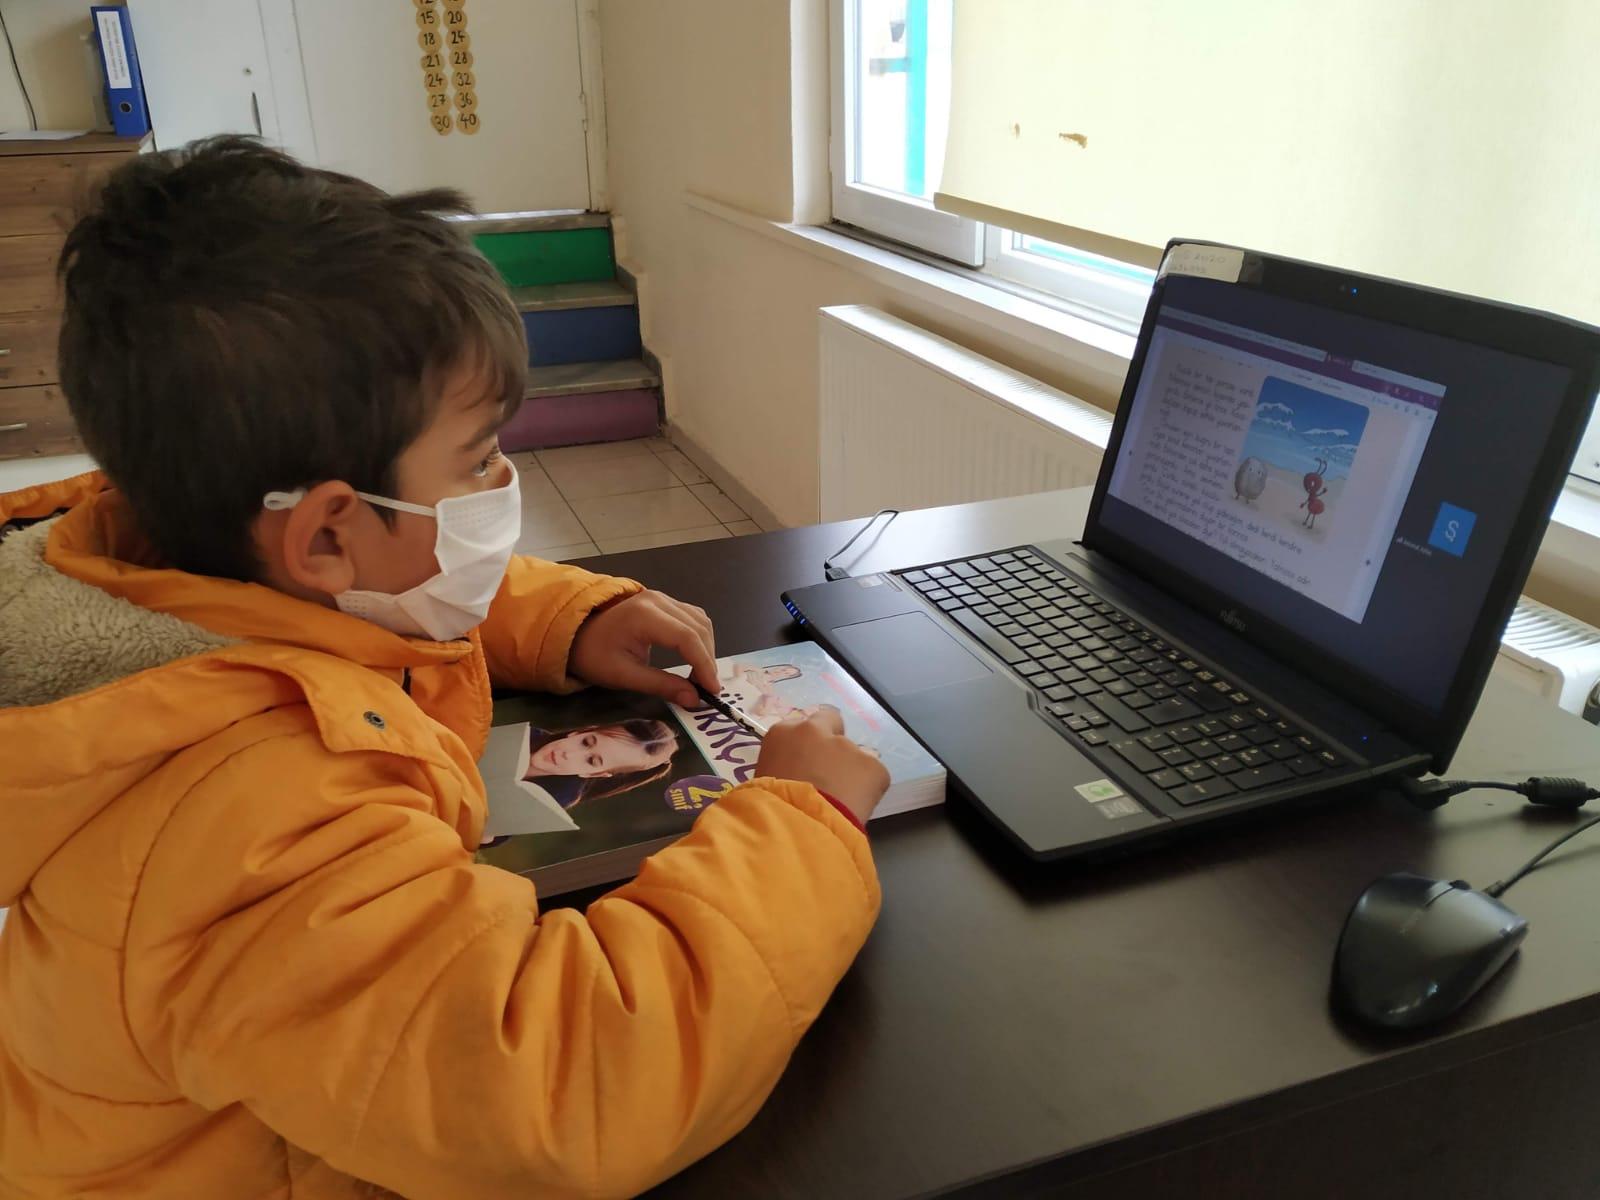 Aydoğdu Mahallesi Sosyal Etkinlik Merkezi EBA desteğini sürdürüyor